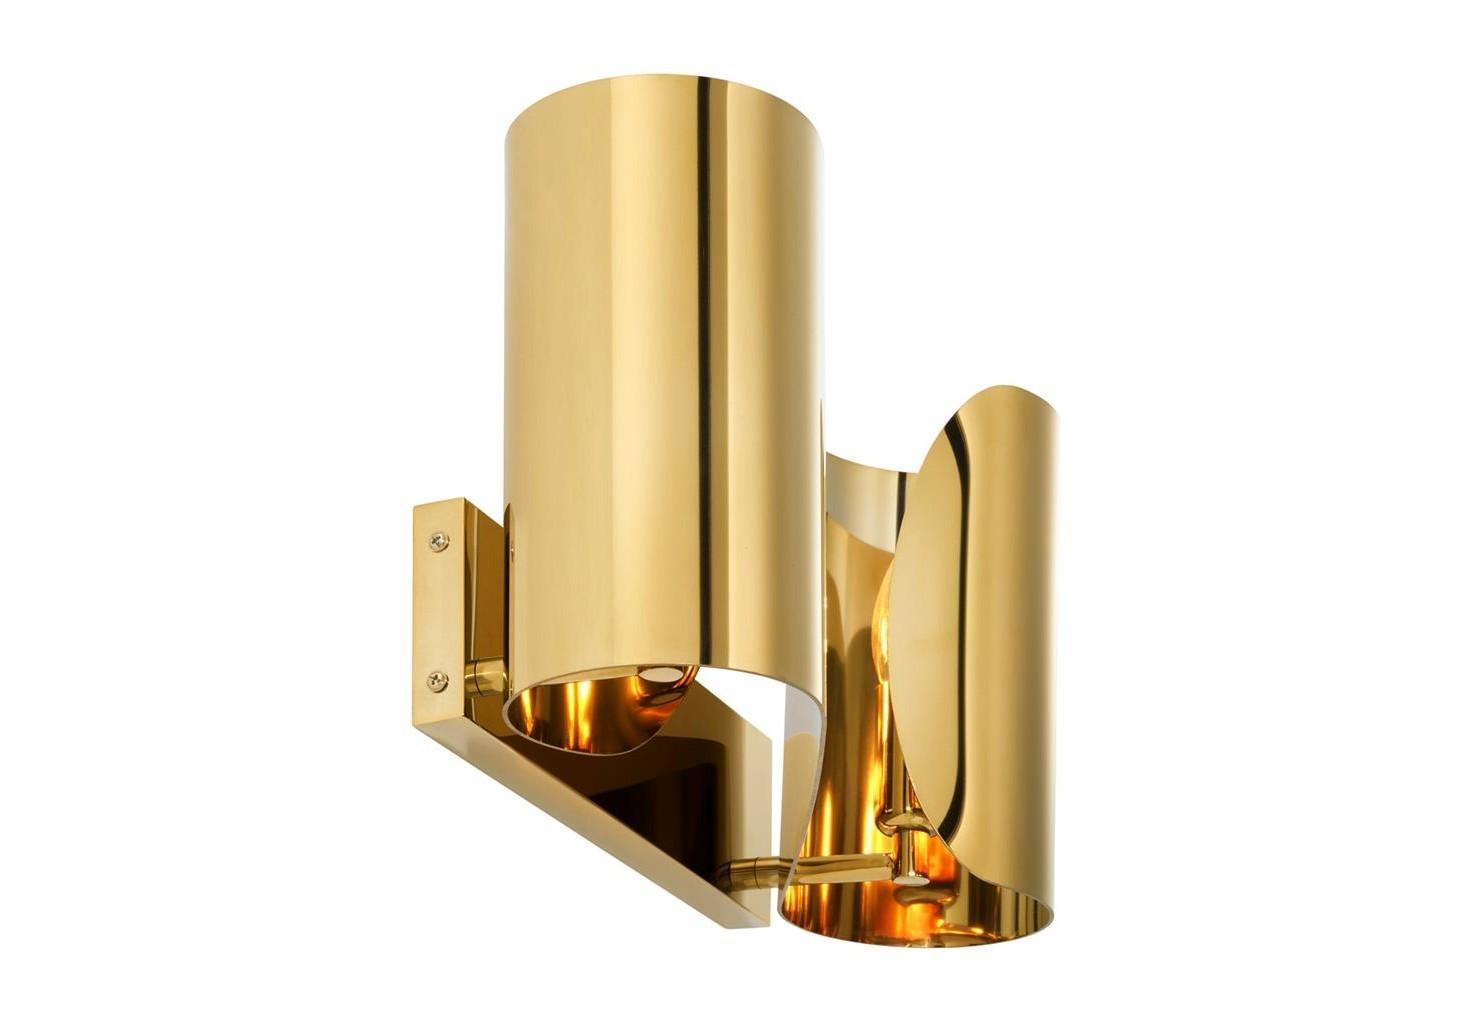 Настенный светильникБра<br>Настенный светильник Wall Lamp Crawley выполнен из металла золотого цвета.&amp;lt;div&amp;gt;&amp;lt;br&amp;gt;&amp;lt;/div&amp;gt;&amp;lt;div&amp;gt;&amp;lt;div&amp;gt;Тип цоколя: E14&amp;lt;/div&amp;gt;&amp;lt;div&amp;gt;Мощность: 40W&amp;lt;/div&amp;gt;&amp;lt;div&amp;gt;Кол-во ламп: 2 (нет в комплекте)&amp;lt;/div&amp;gt;&amp;lt;/div&amp;gt;<br><br>Material: Металл<br>Ширина см: 38<br>Высота см: 21<br>Глубина см: 11